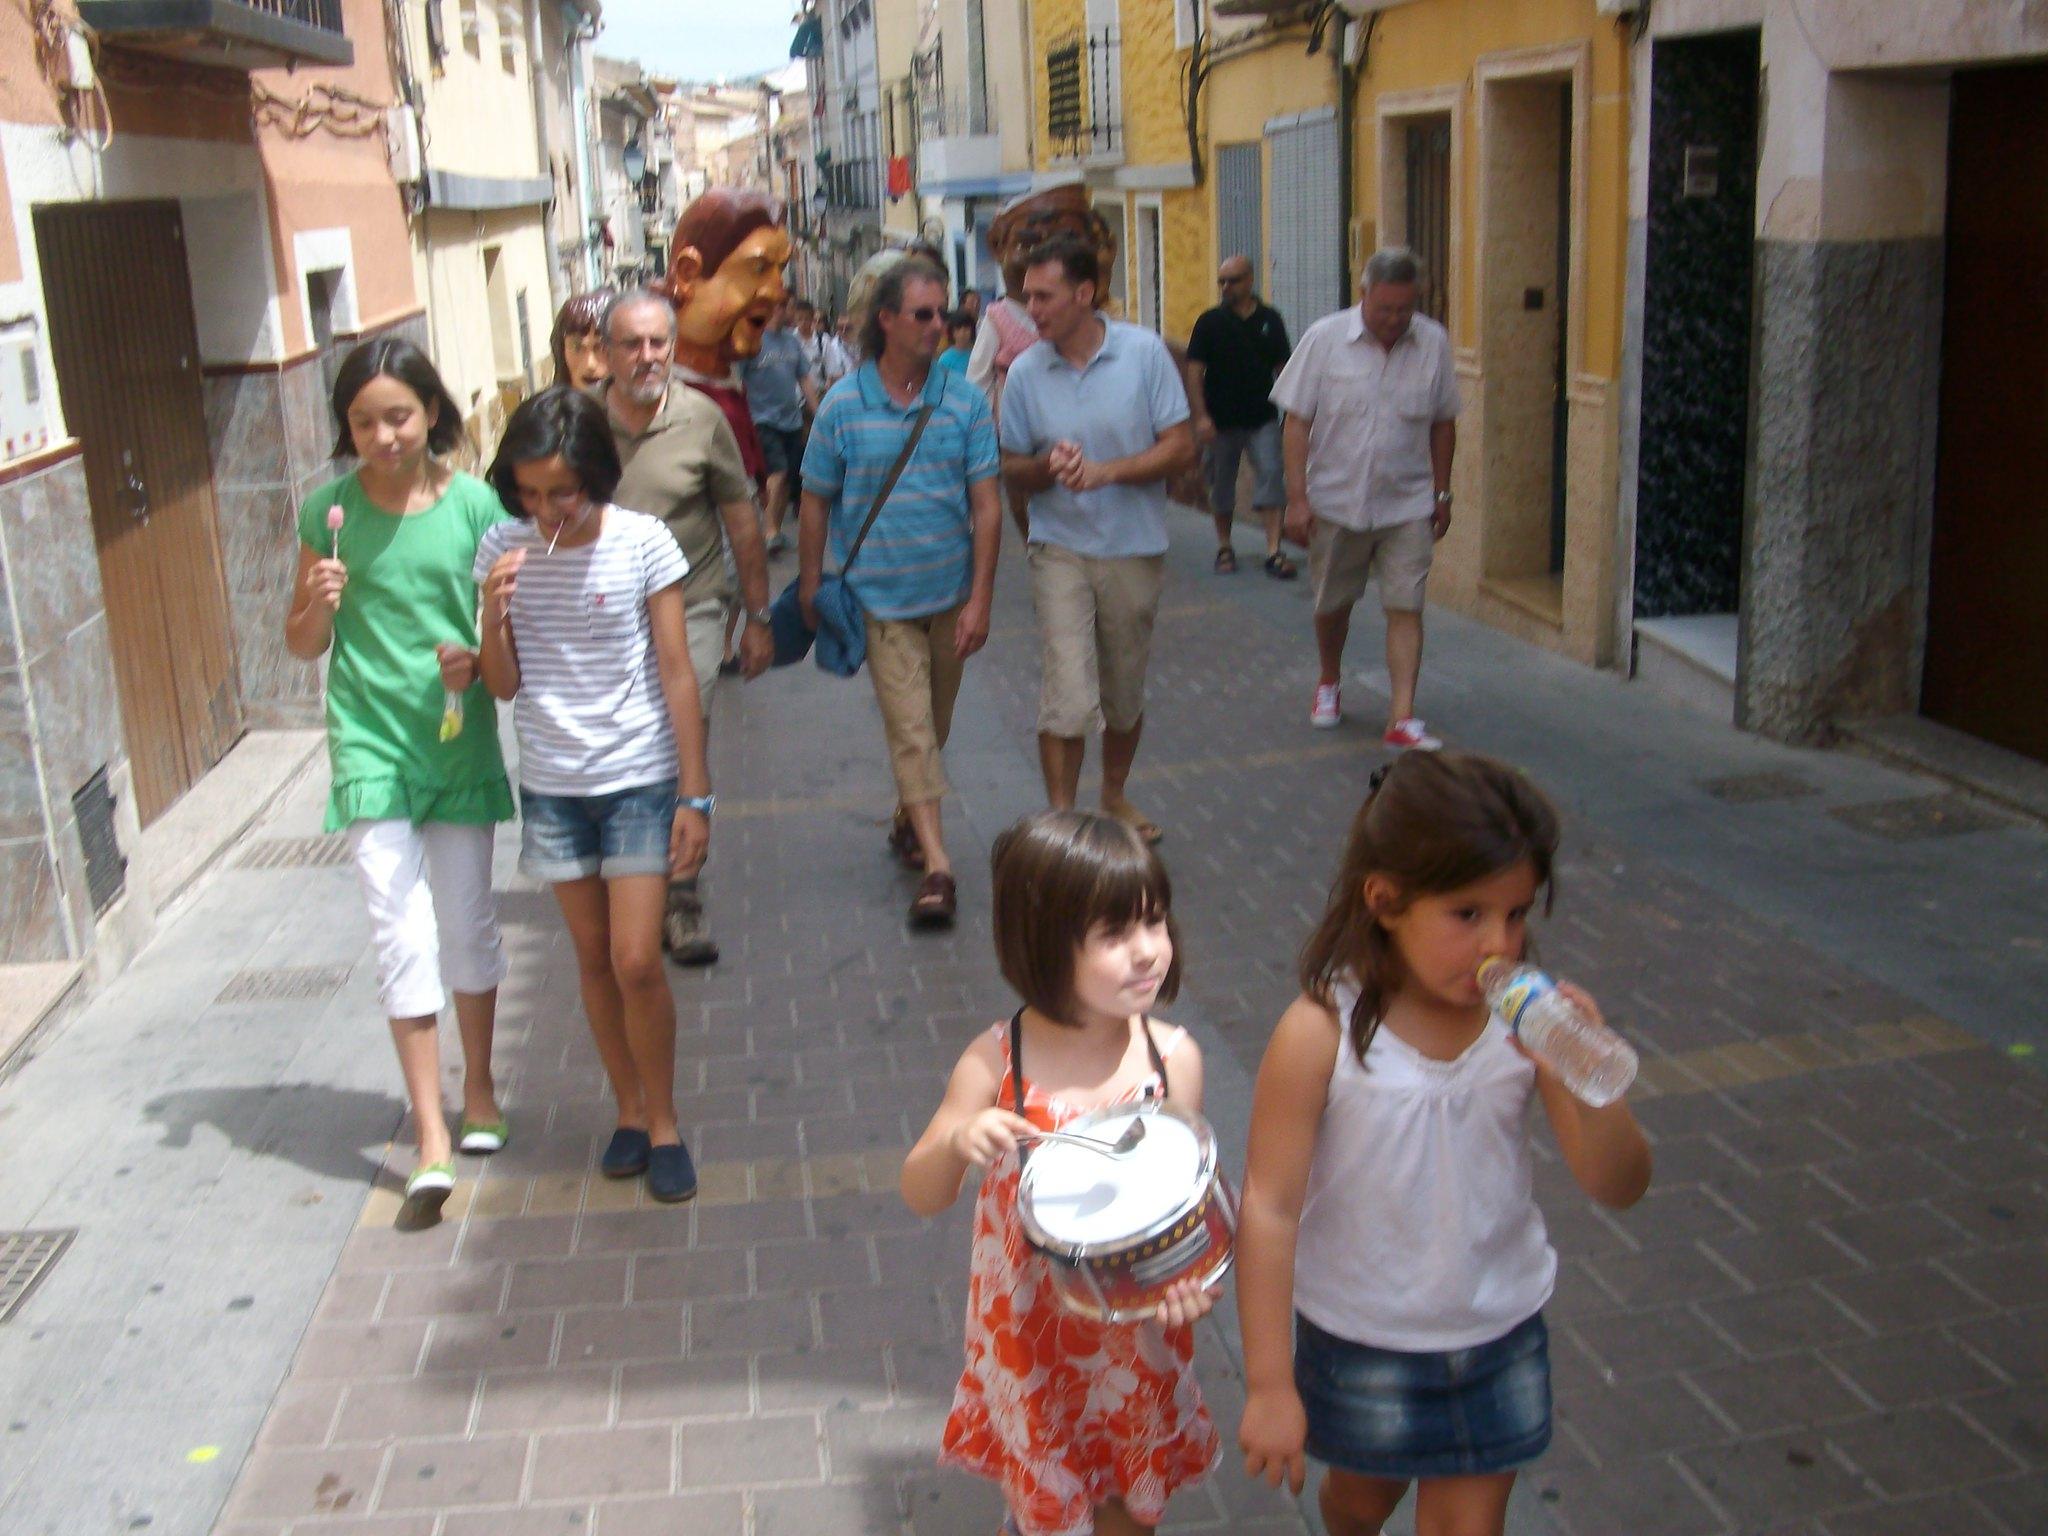 (2010-07-04) - Pasacalle Gent de Nanos - José Vicente Romero Ripoll -  (12)